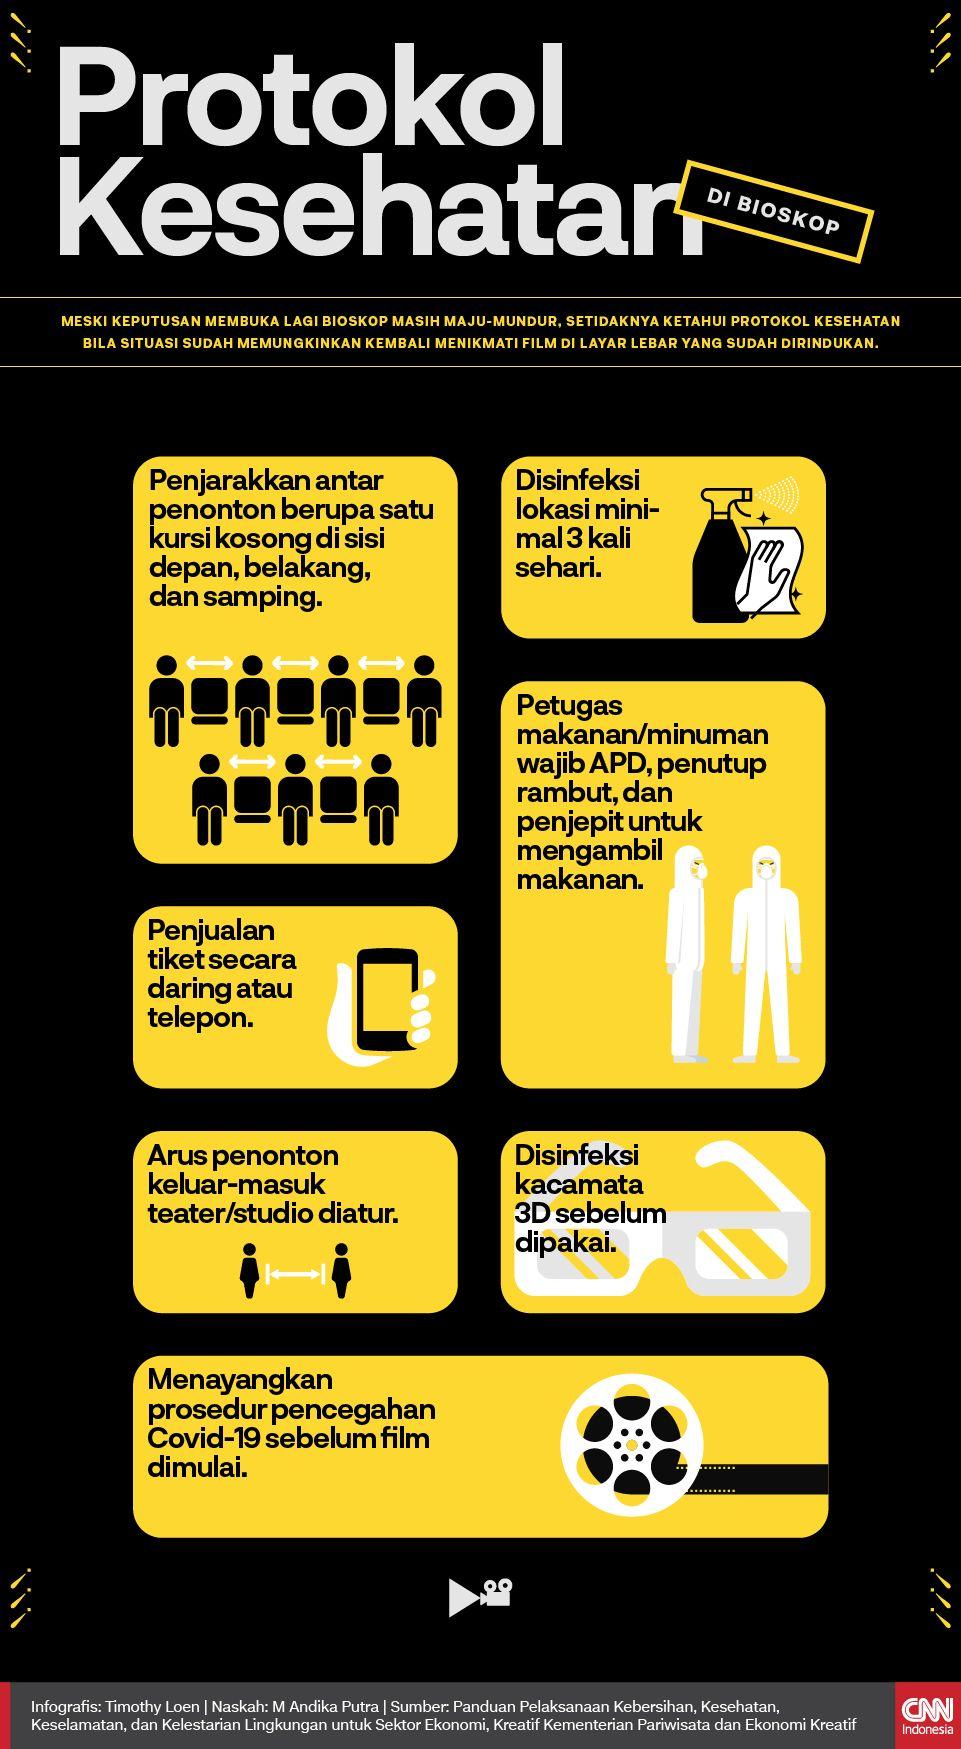 Infografis Protokol Kesehatan di Bioskop